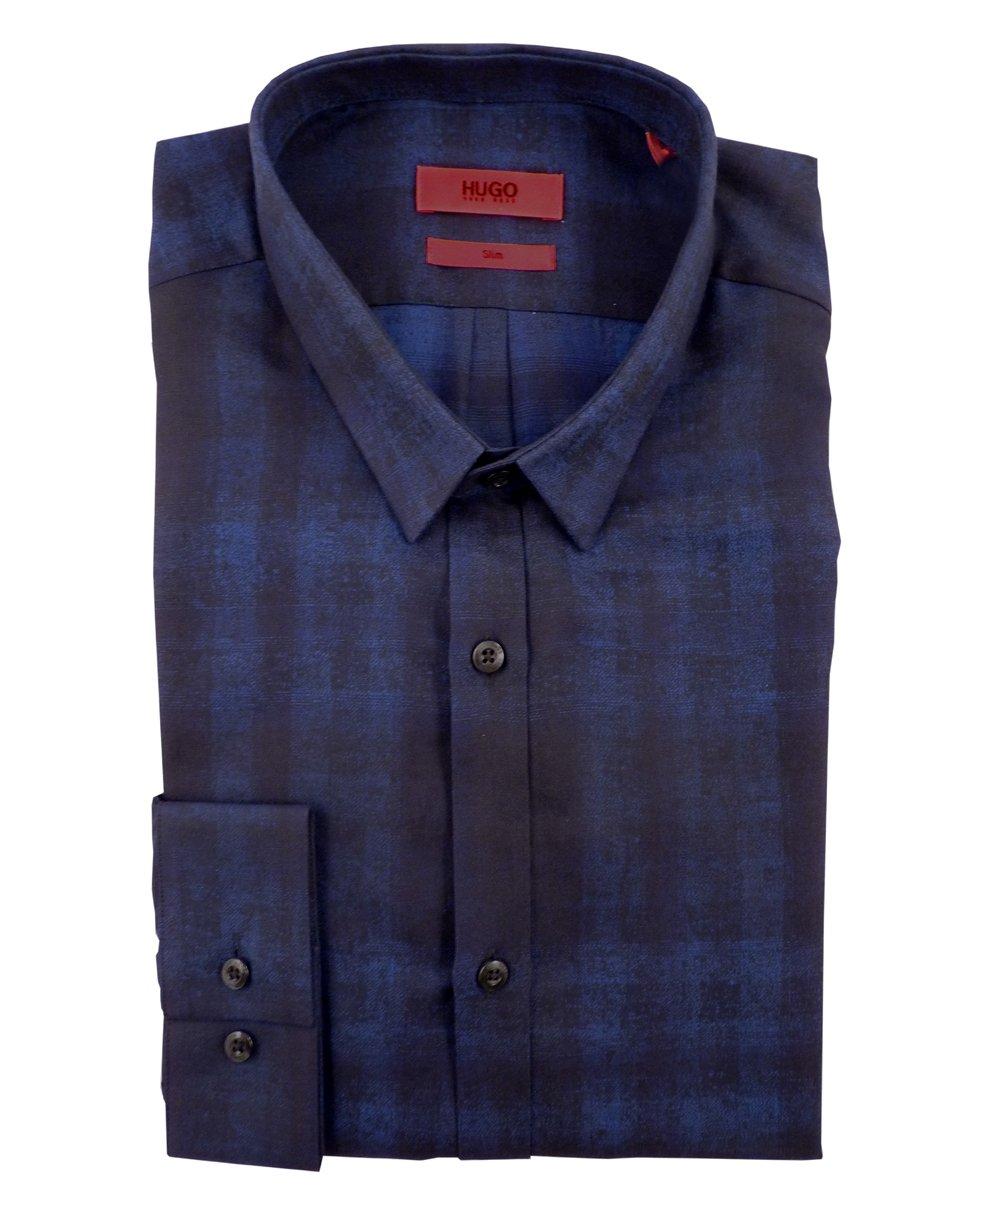 Hugo boss navy 50297064 ero3 blue check shirt hugo boss for Hugo boss navy shirt